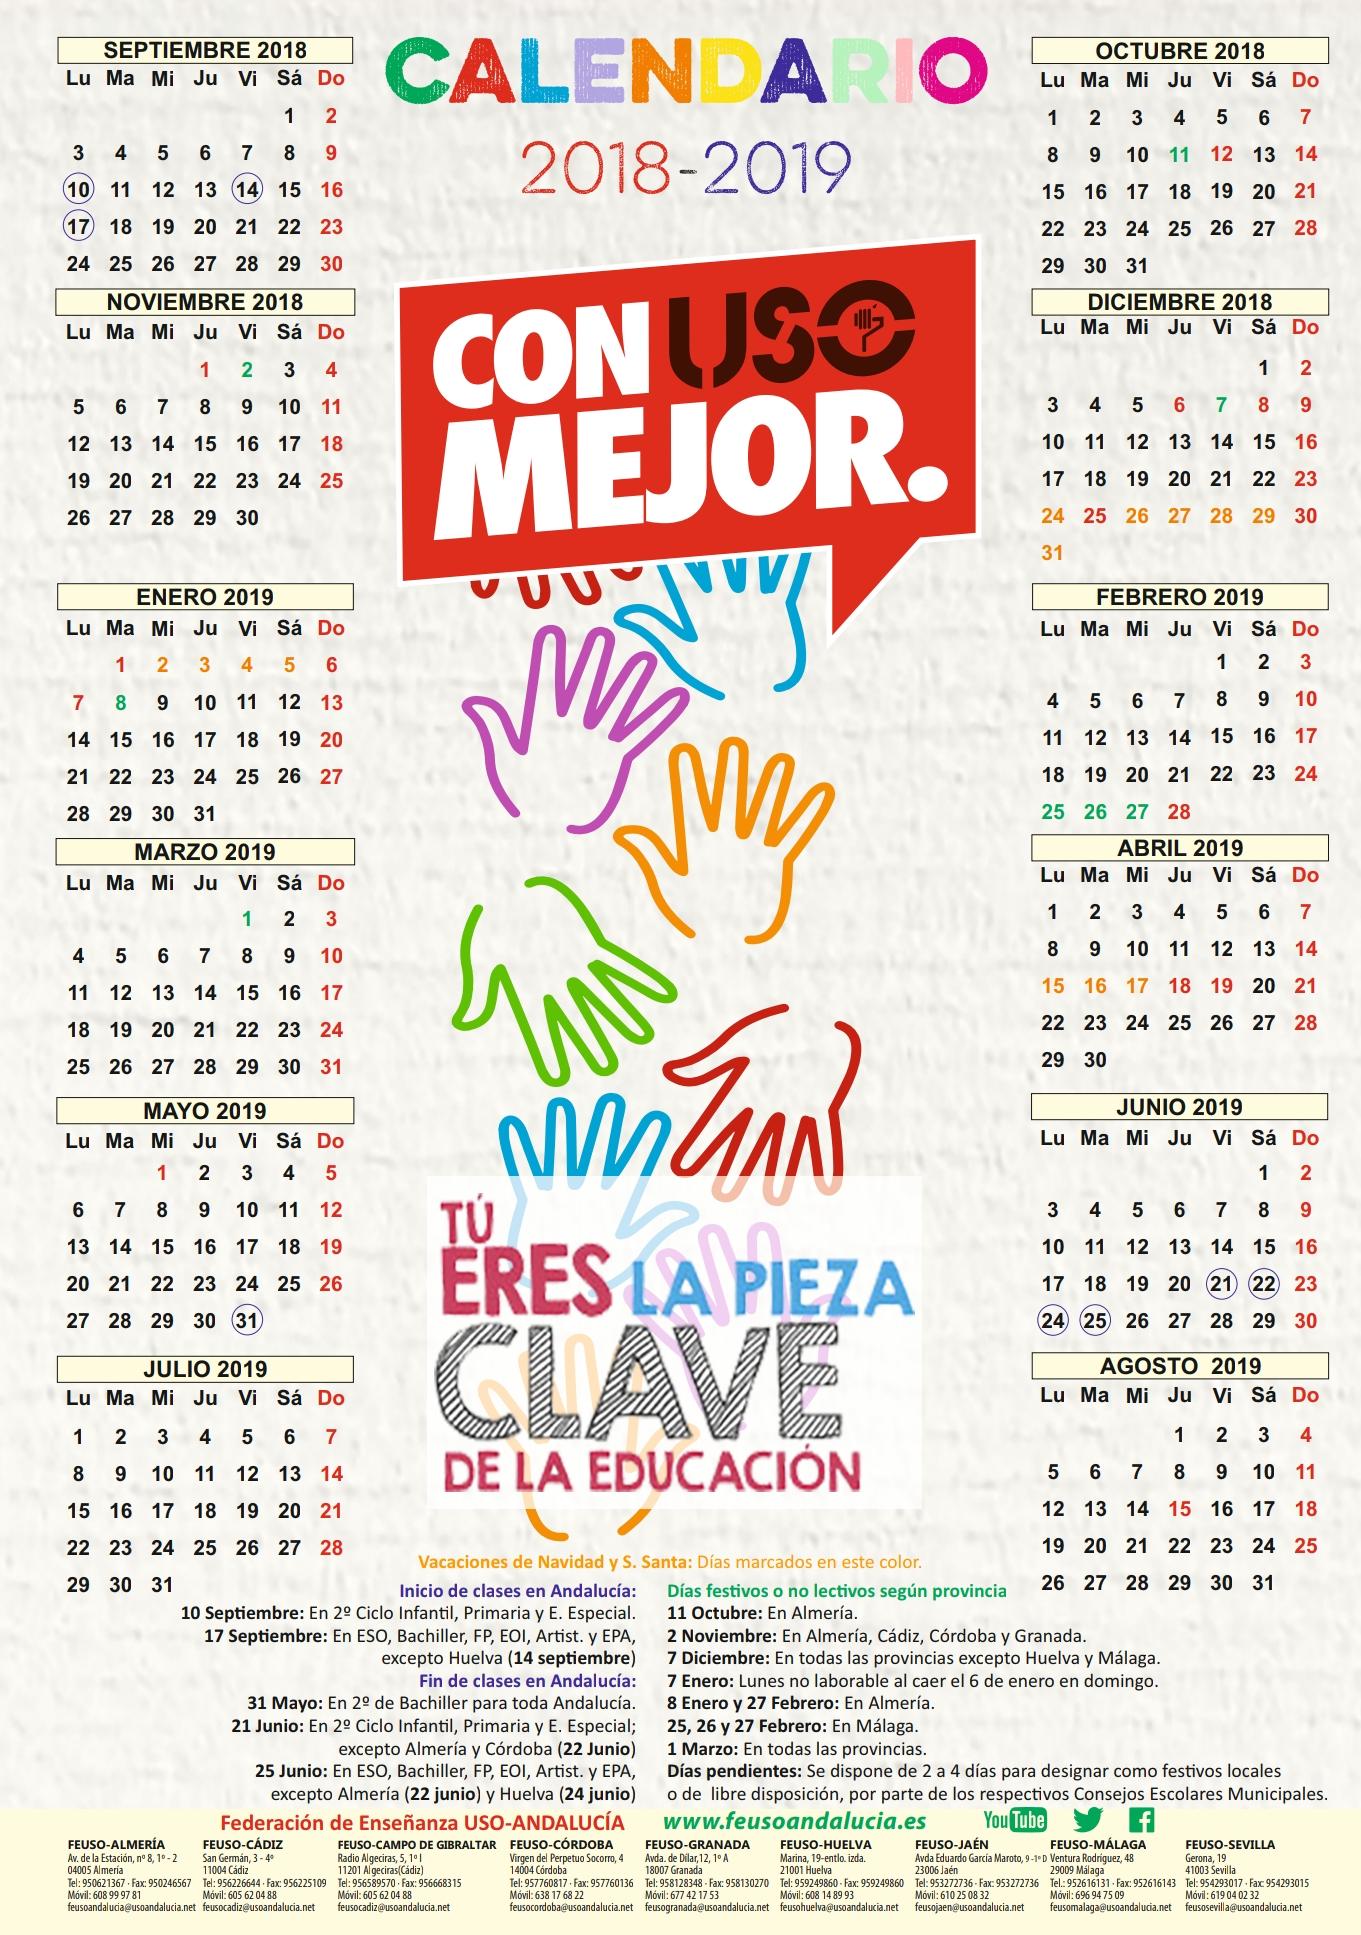 Calendario Laboral Jaen 2020.Calendario Escolar 2018 2019 Para Las Provincias De Andalucia